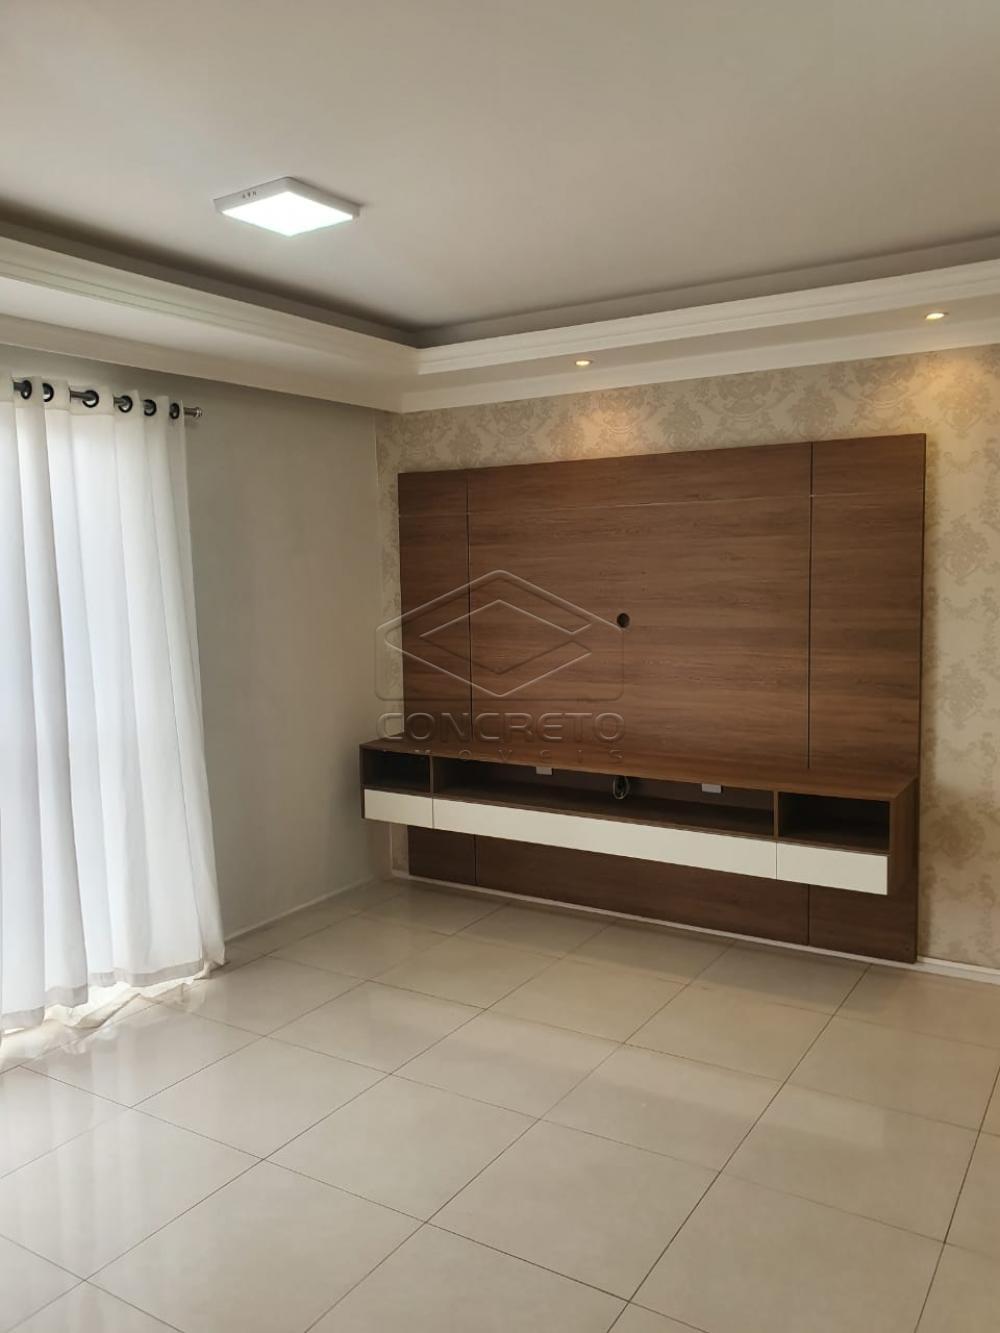 Comprar Apartamento / Padrão em Bauru apenas R$ 400.000,00 - Foto 1